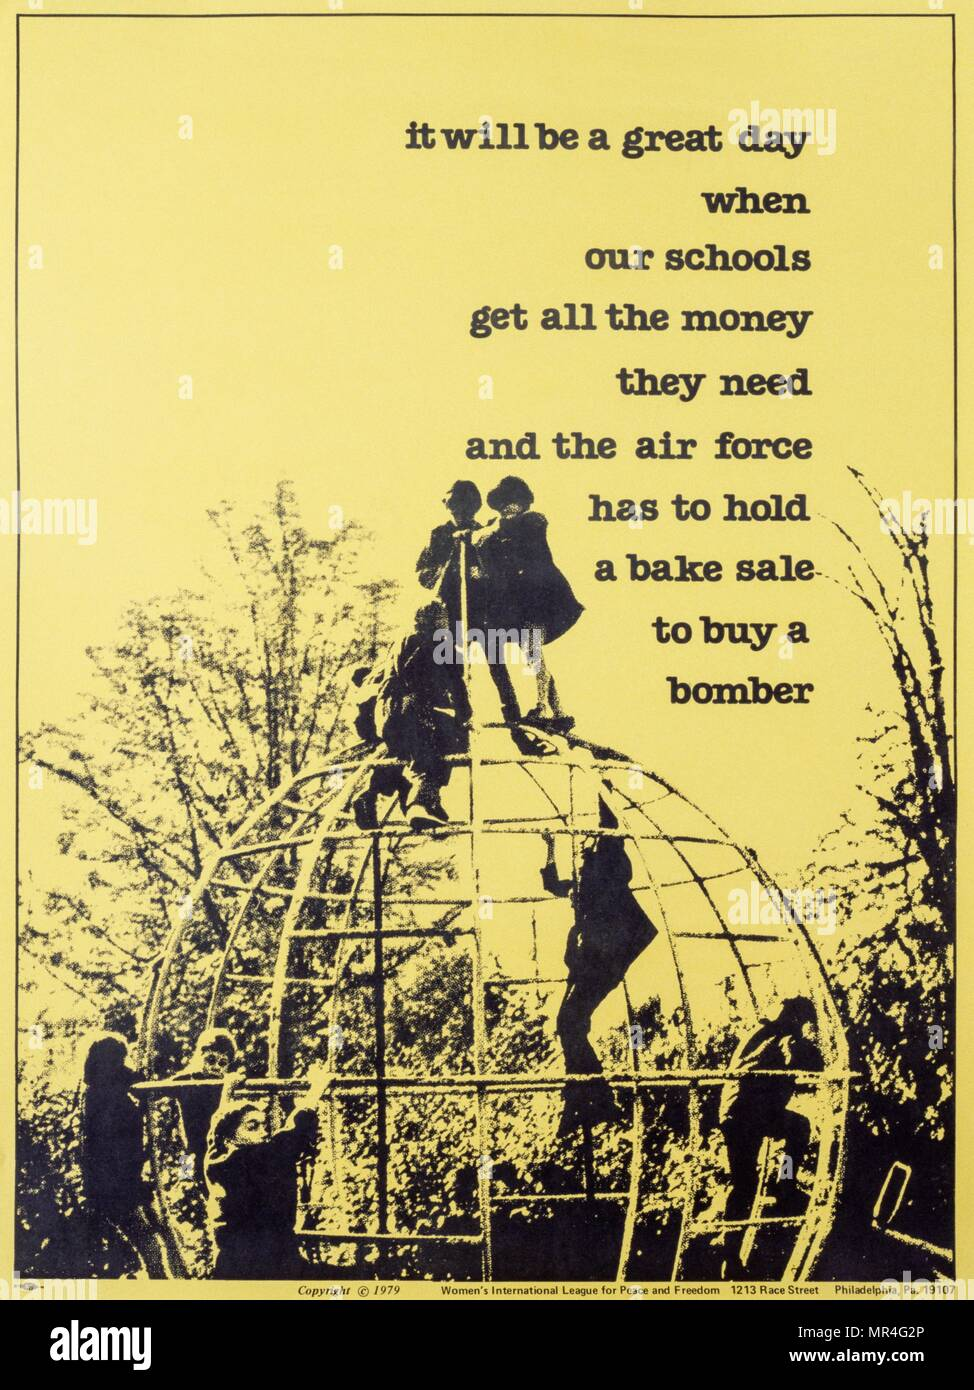 """Póster anti-guerra producida por la Liga Internacional de Mujeres pro Paz y Libertad EE.UU., 1979. """"Será un gran día cuando nuestras escuelas conseguir todo el dinero que necesitan y la fuerza aérea tiene que llevar a cabo una venta de pasteles para comprar un bombardero'. La propaganda de la guerra fría Imagen De Stock"""